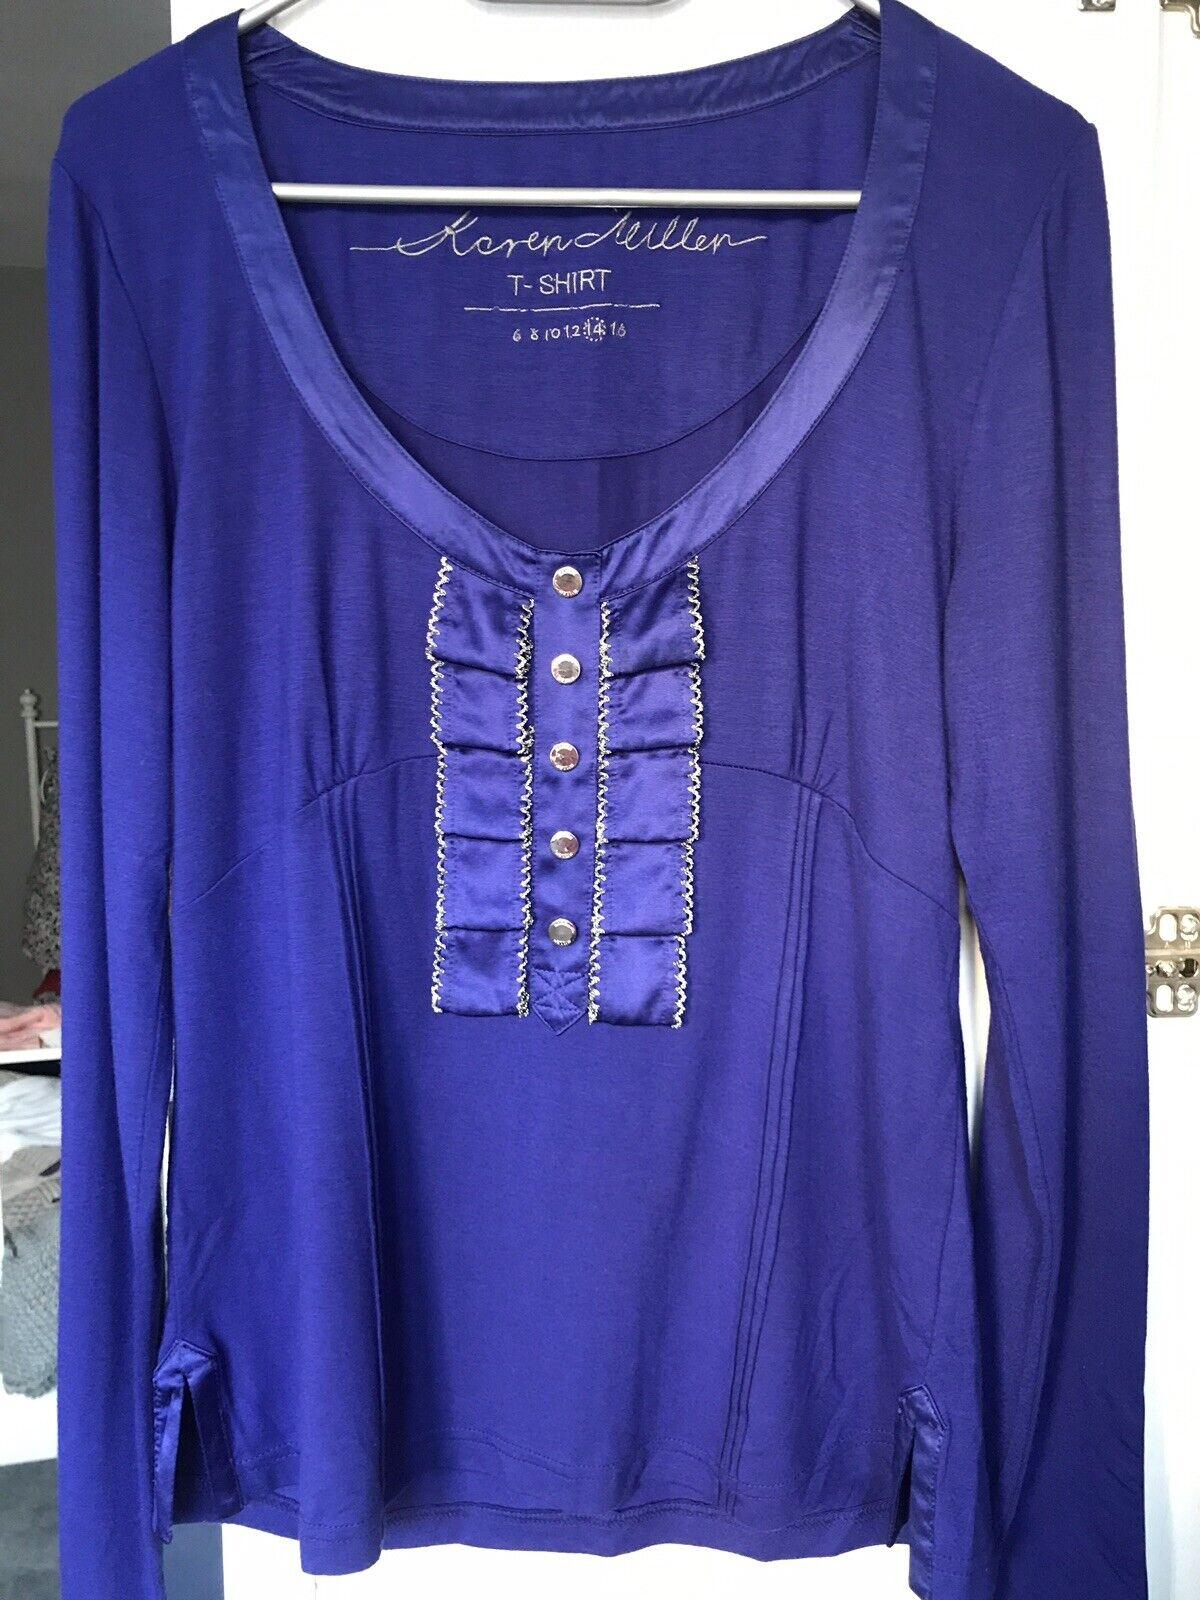 Karen Millen Blause Gr. L, Farbe kobalt blau